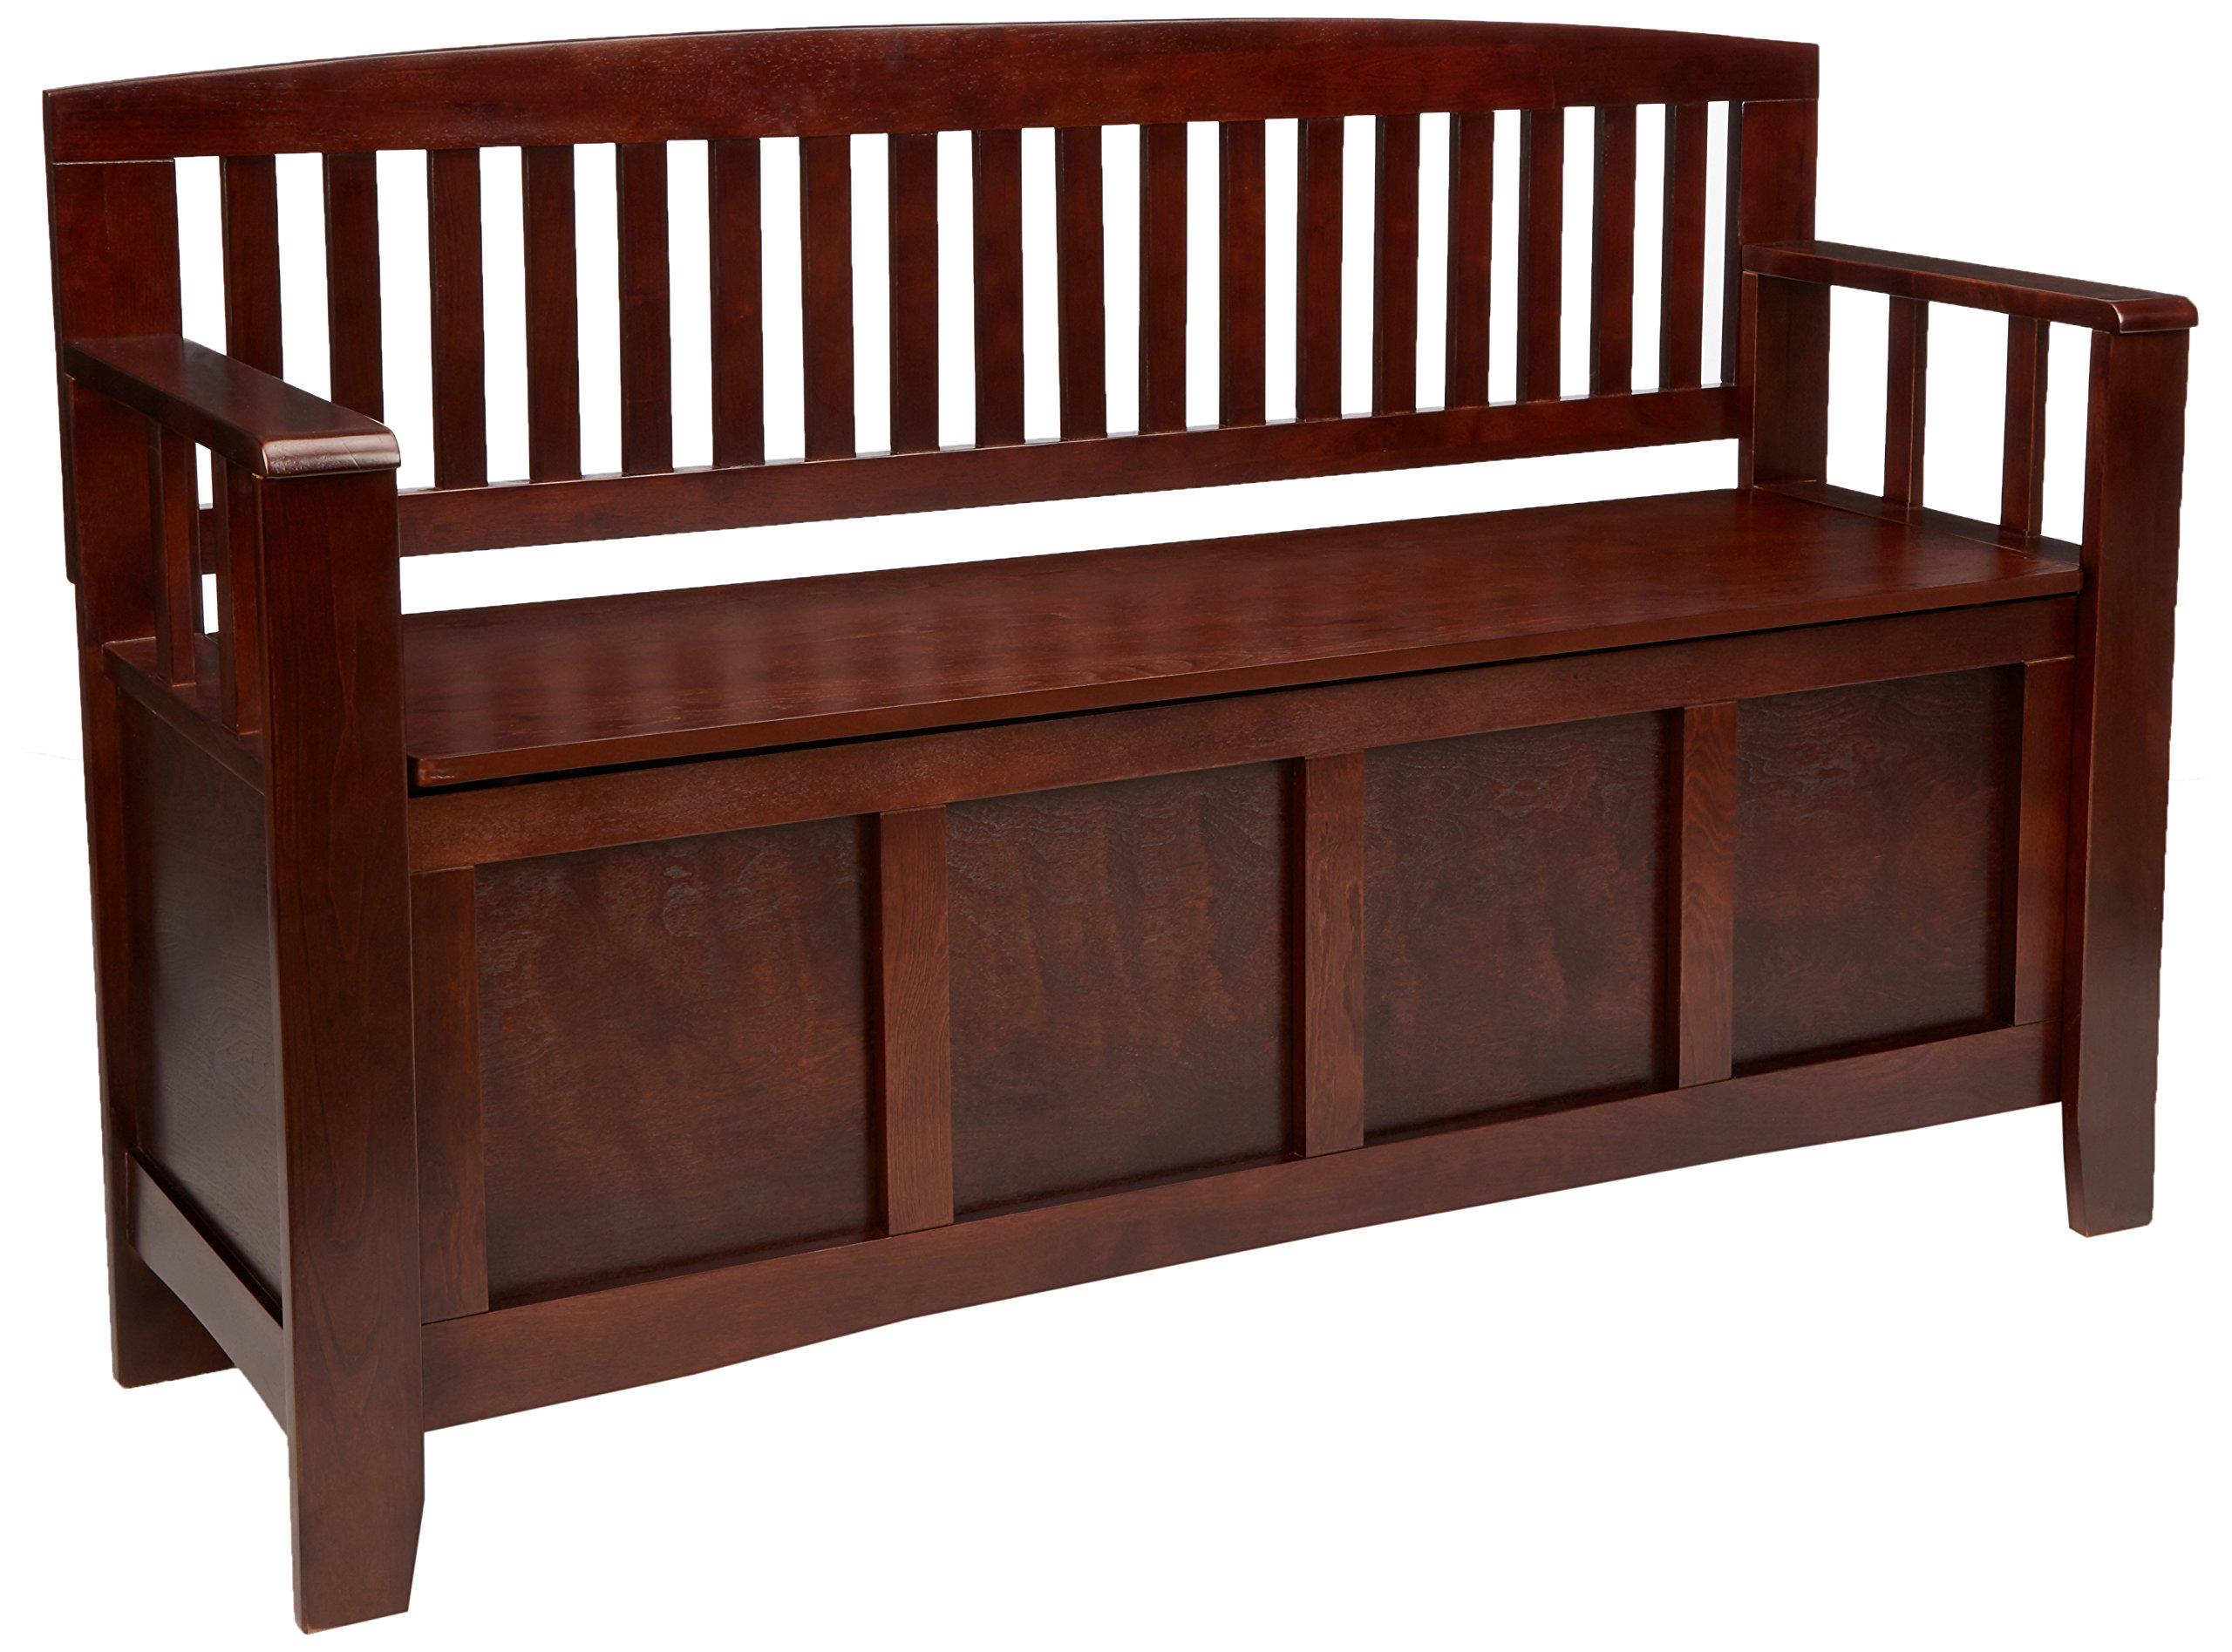 Linon Home Decor Cynthia Storage Bench by Linon Home Dcor